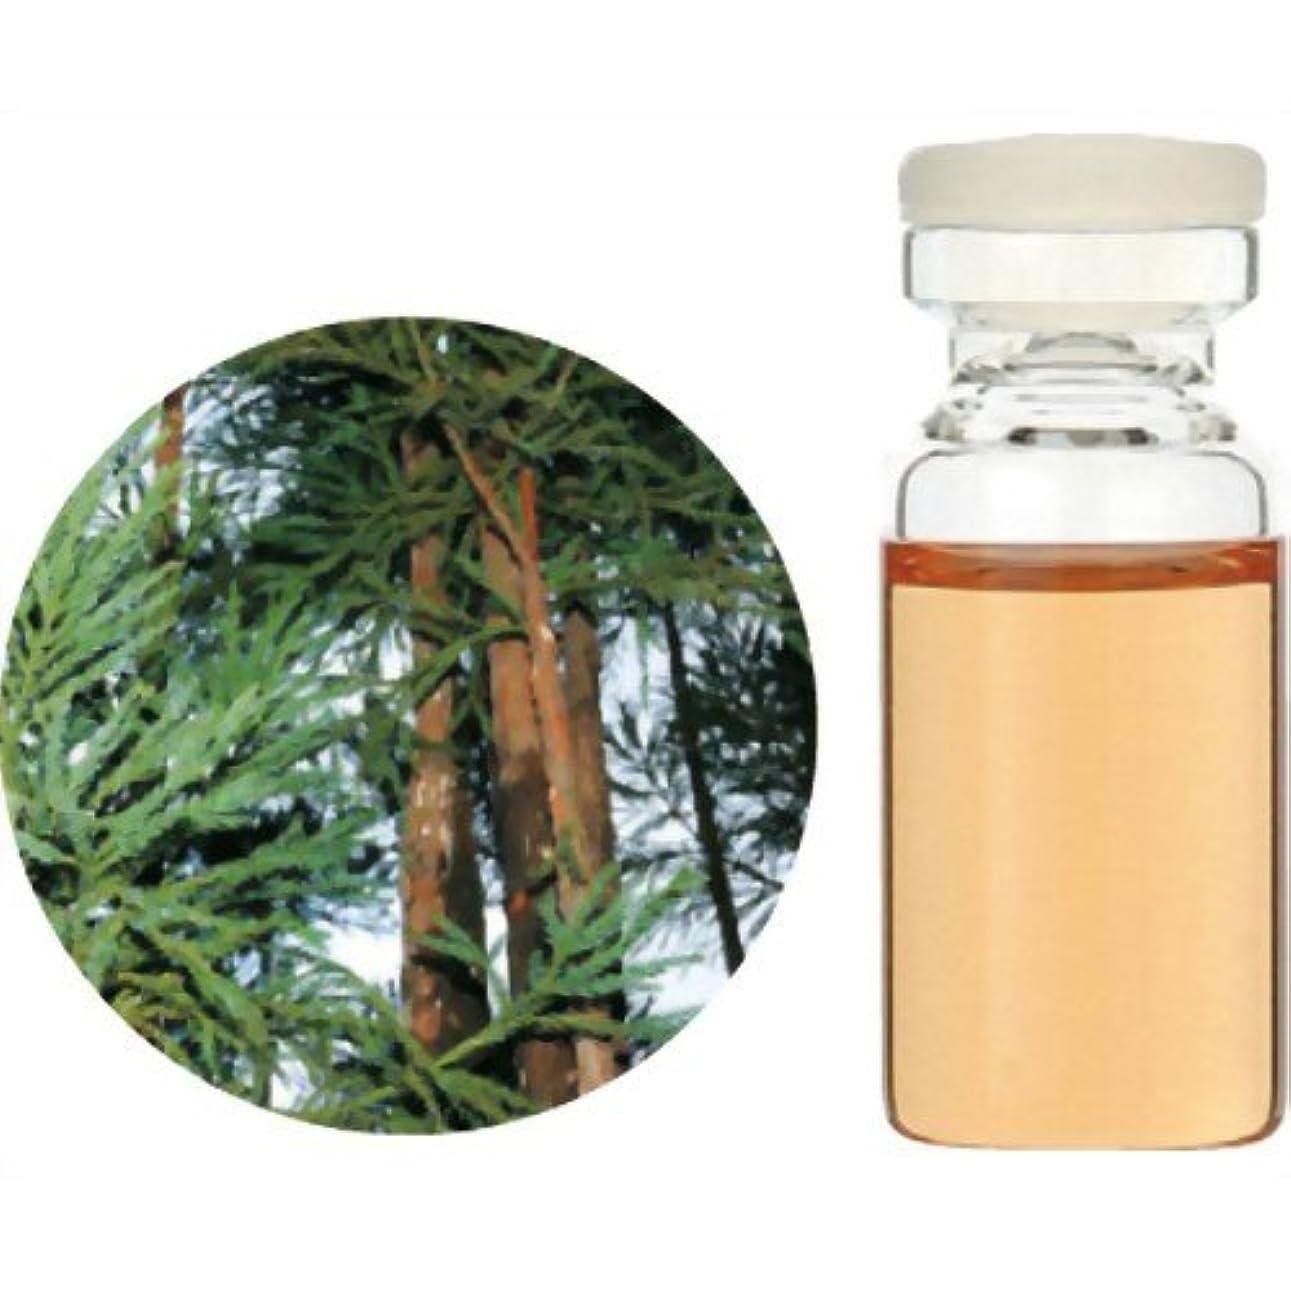 ピアニスト信頼性のある気を散らす生活の木 Herbal Life 和精油 杉 木部 3ml